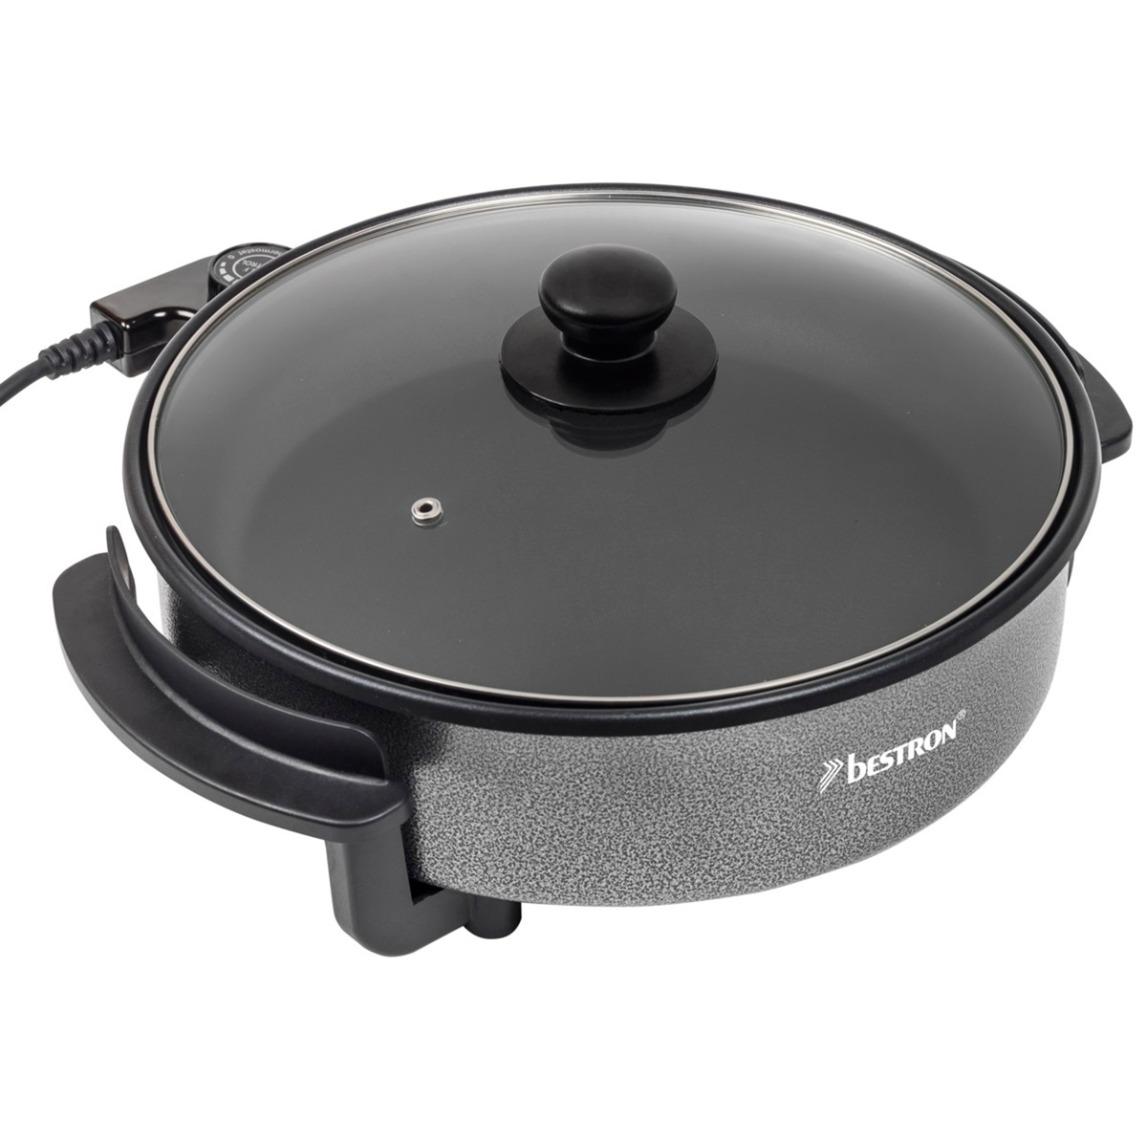 AHP1200 Paellas eléctricas, Pan